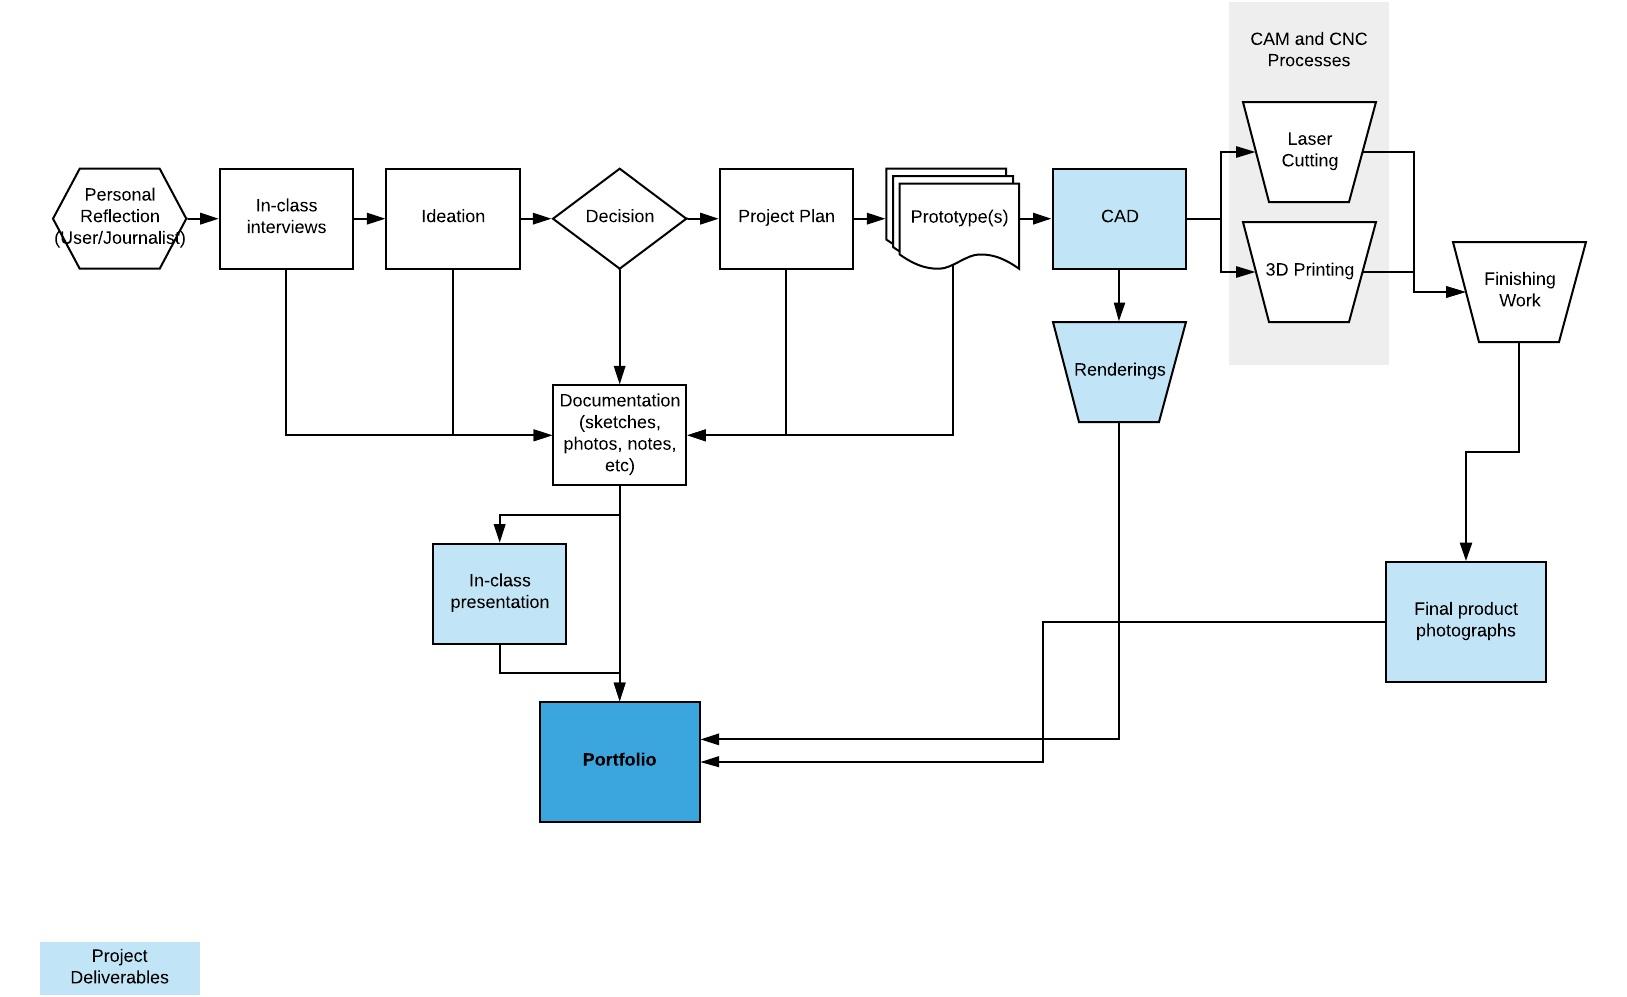 Blank+Diagram+%281%29.jpg